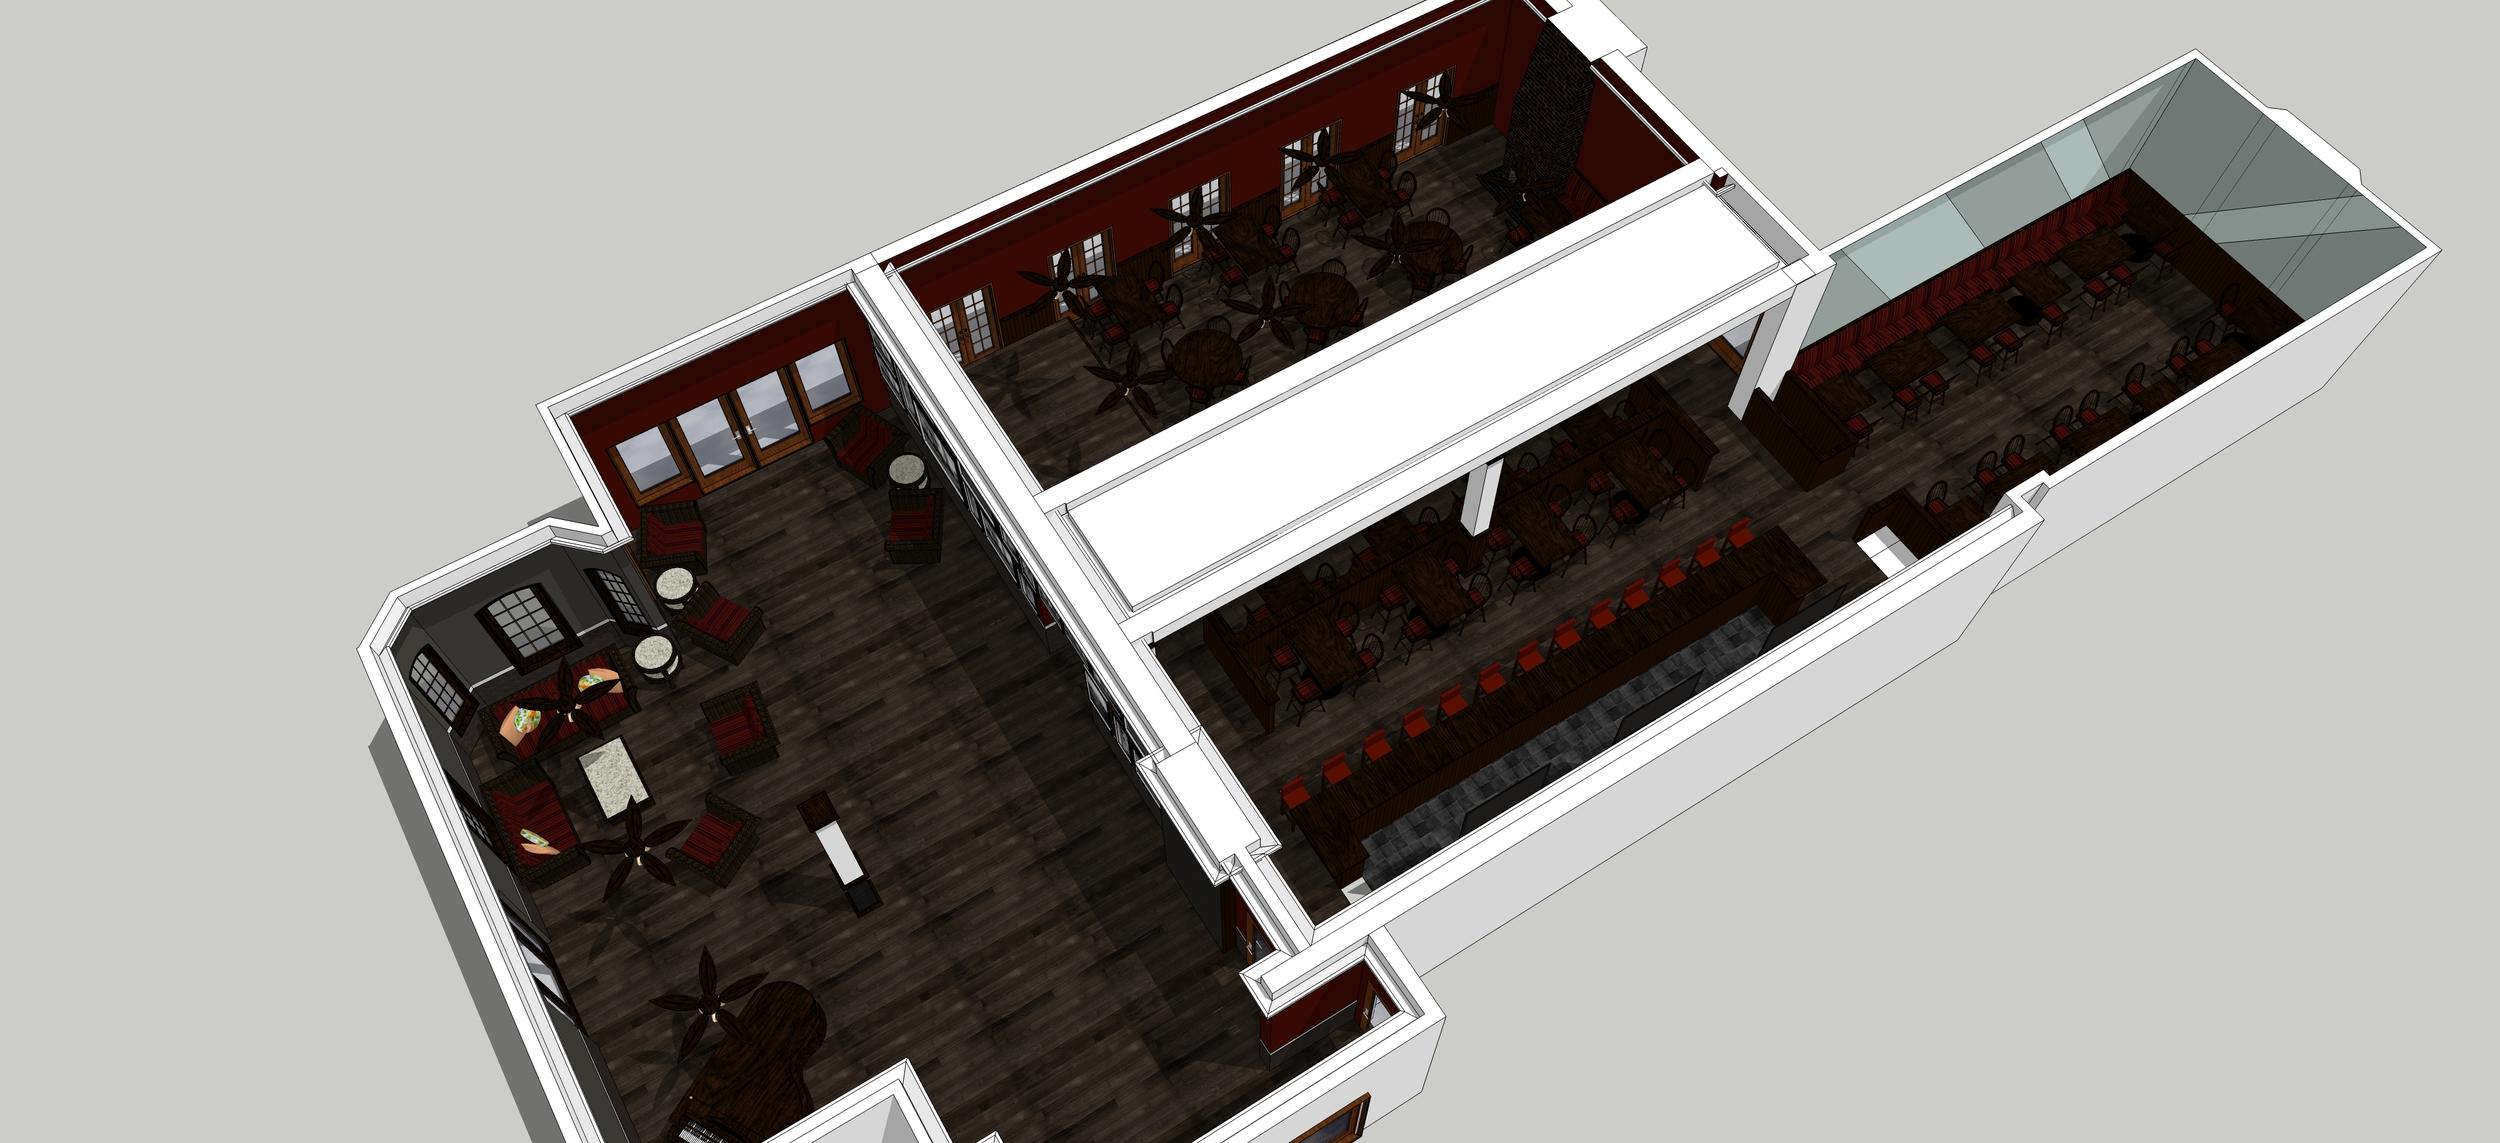 OH_model-1-2.jpg